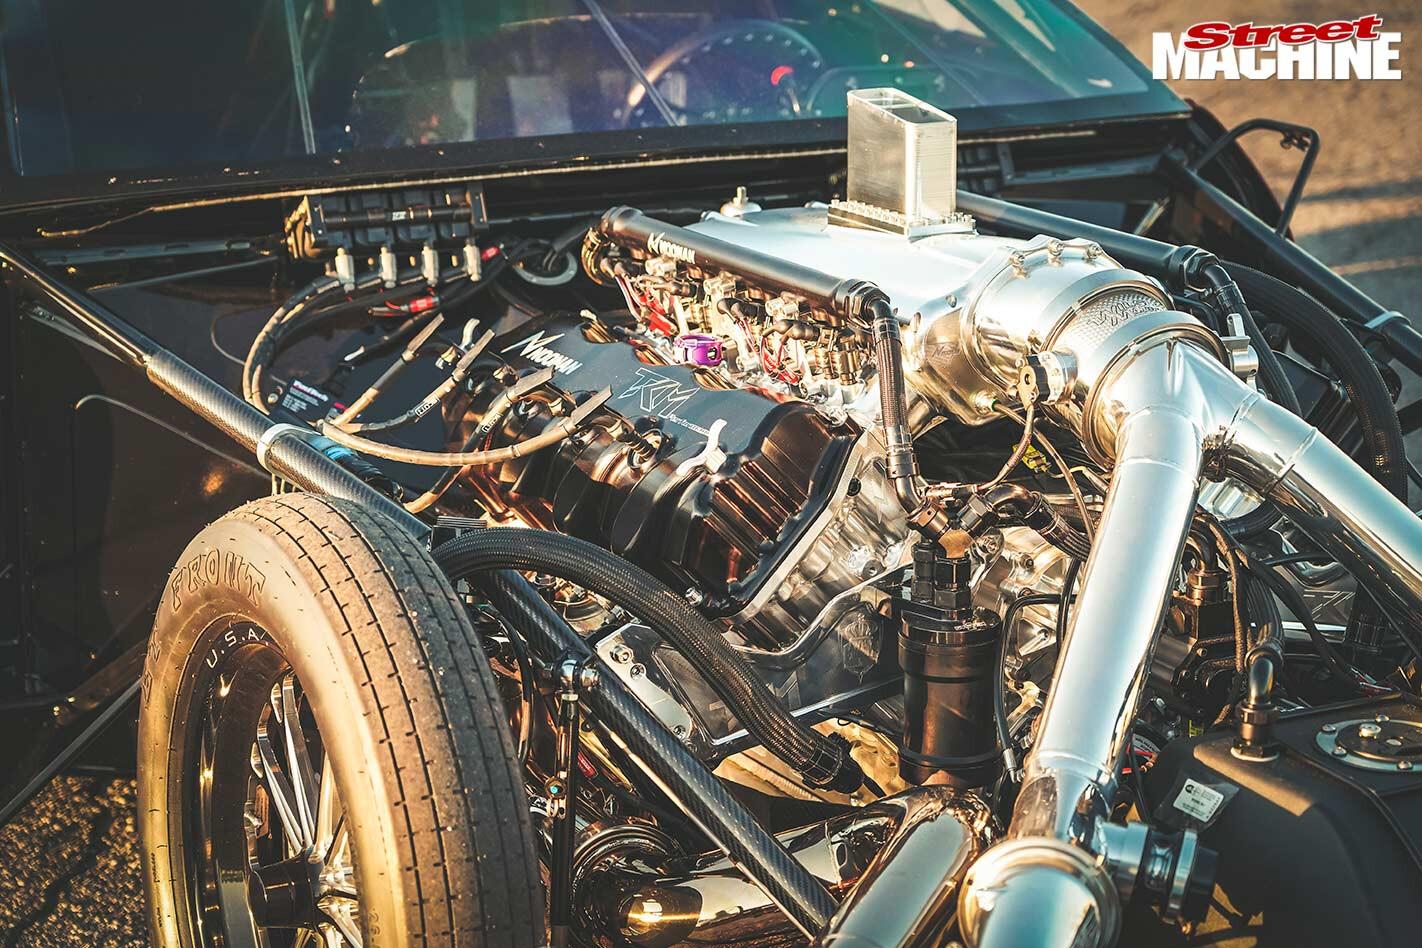 Jarrod Wood's C7 Corvette engine